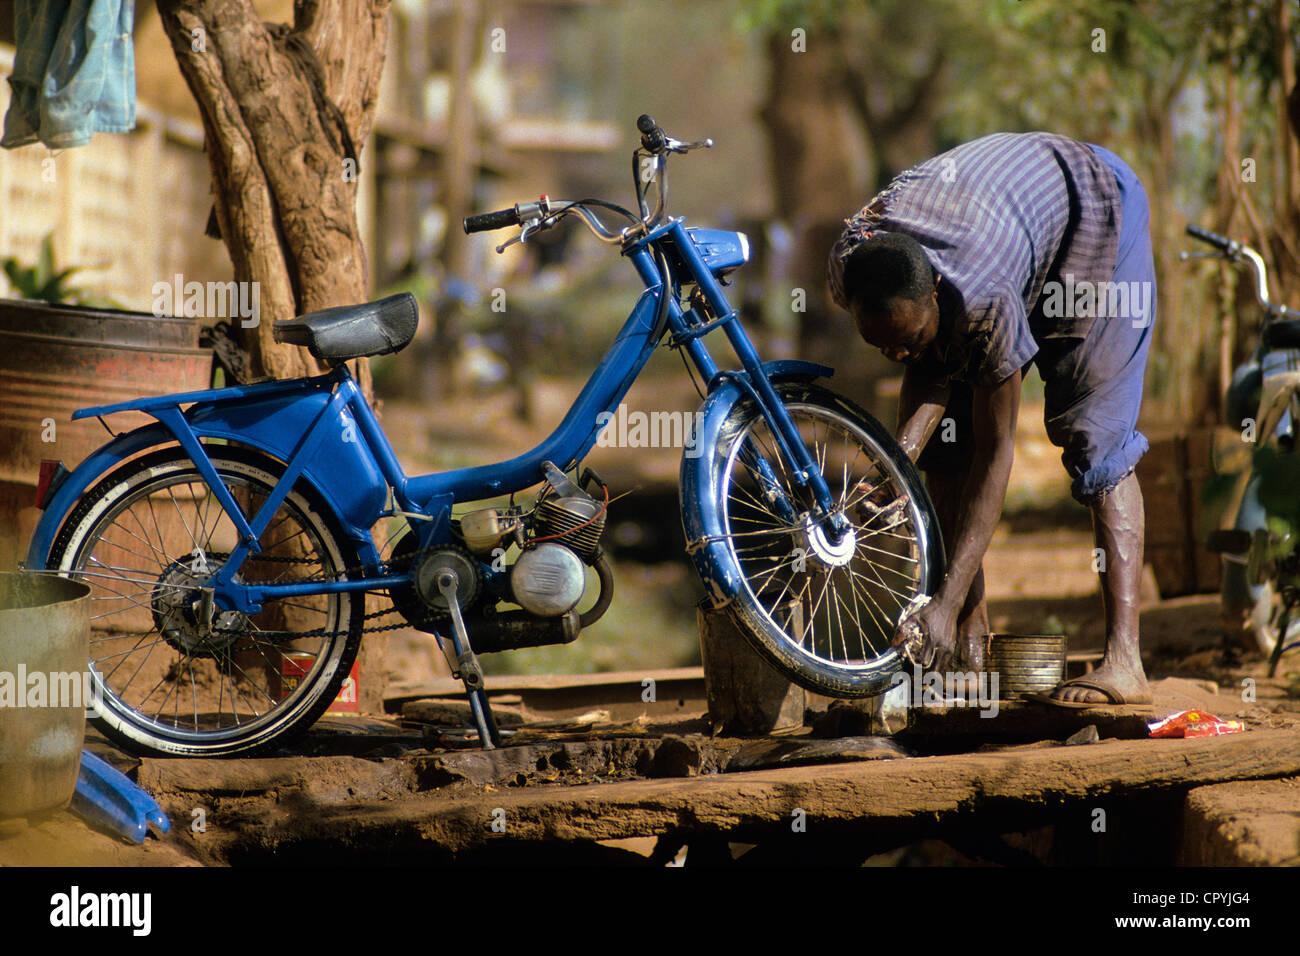 Mali, Mopti, Mann auf der Suche nach seinem Moped, eine viel verwendete Transportmittel Stockbild